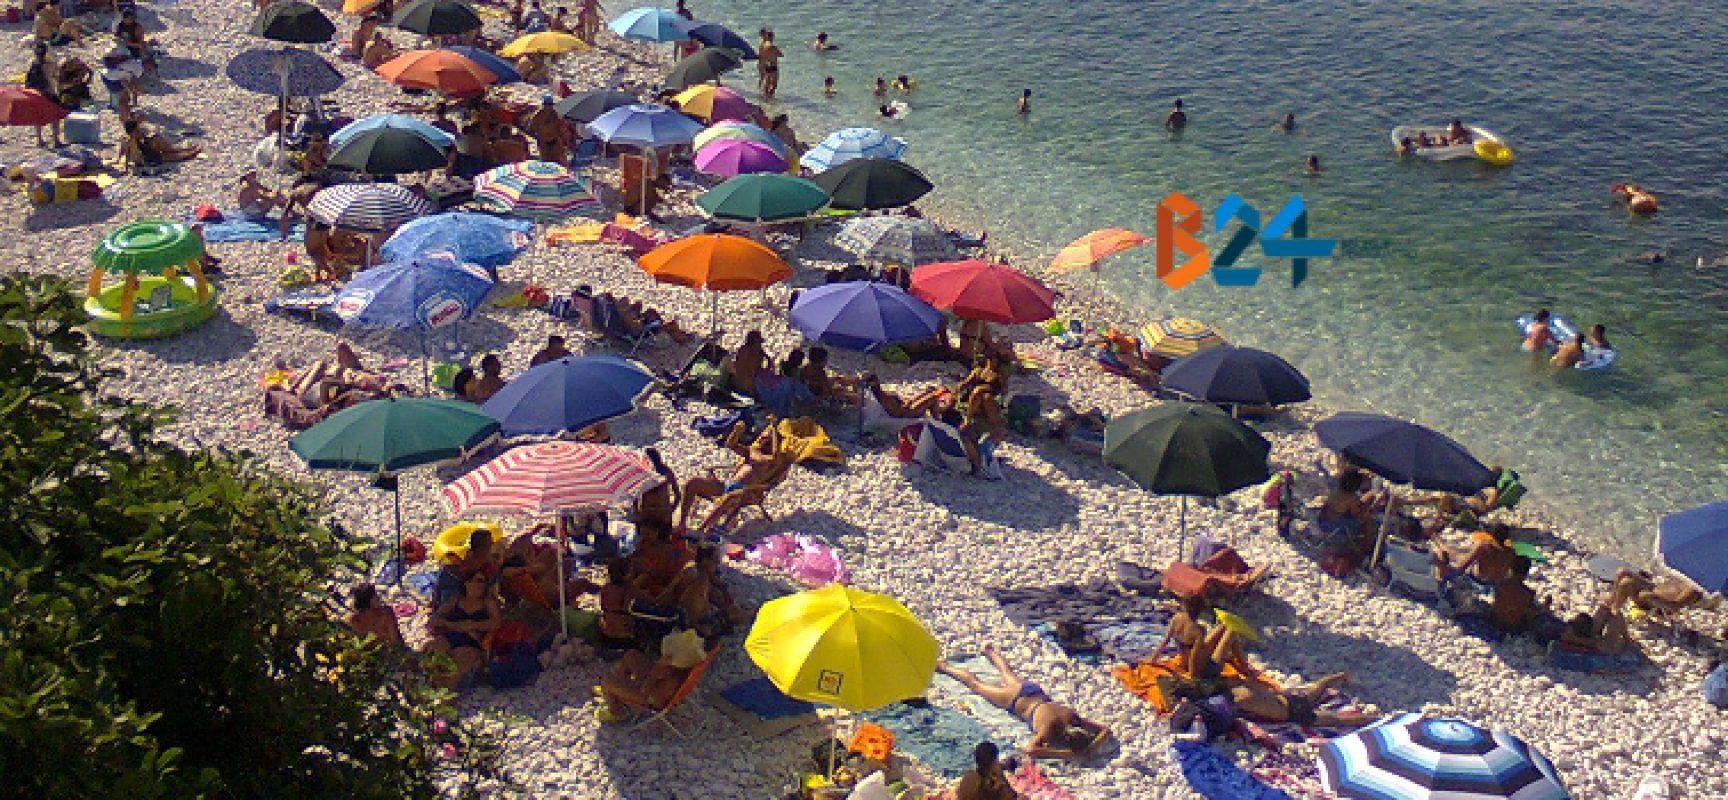 Riaperture: ecco tutte le regole per incontri, parrucchieri, ristoranti, negozi, palestre e spiagge